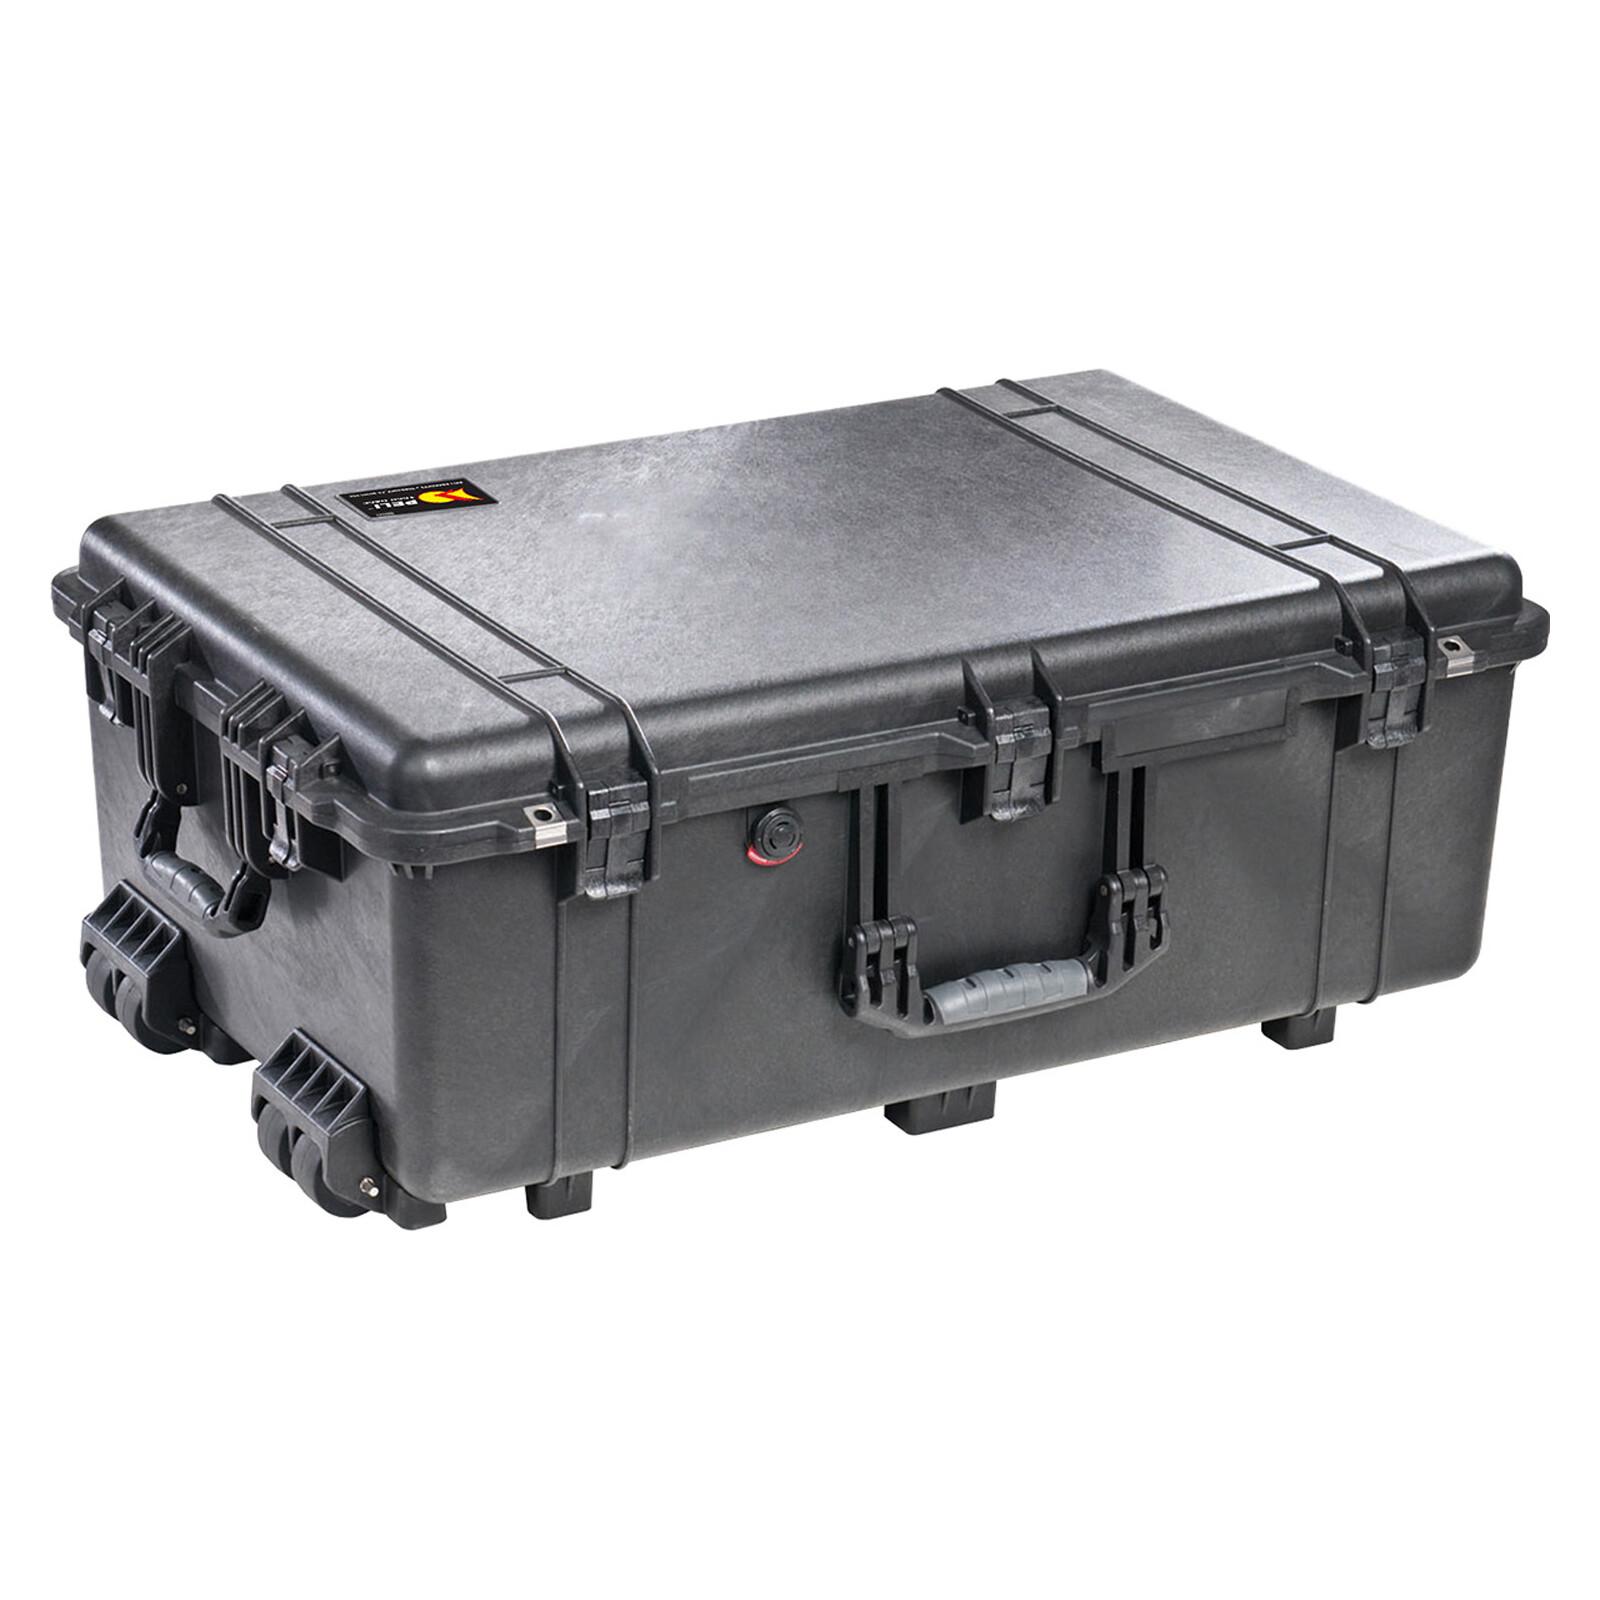 PELI 1650 Case mit Stegausrüstung